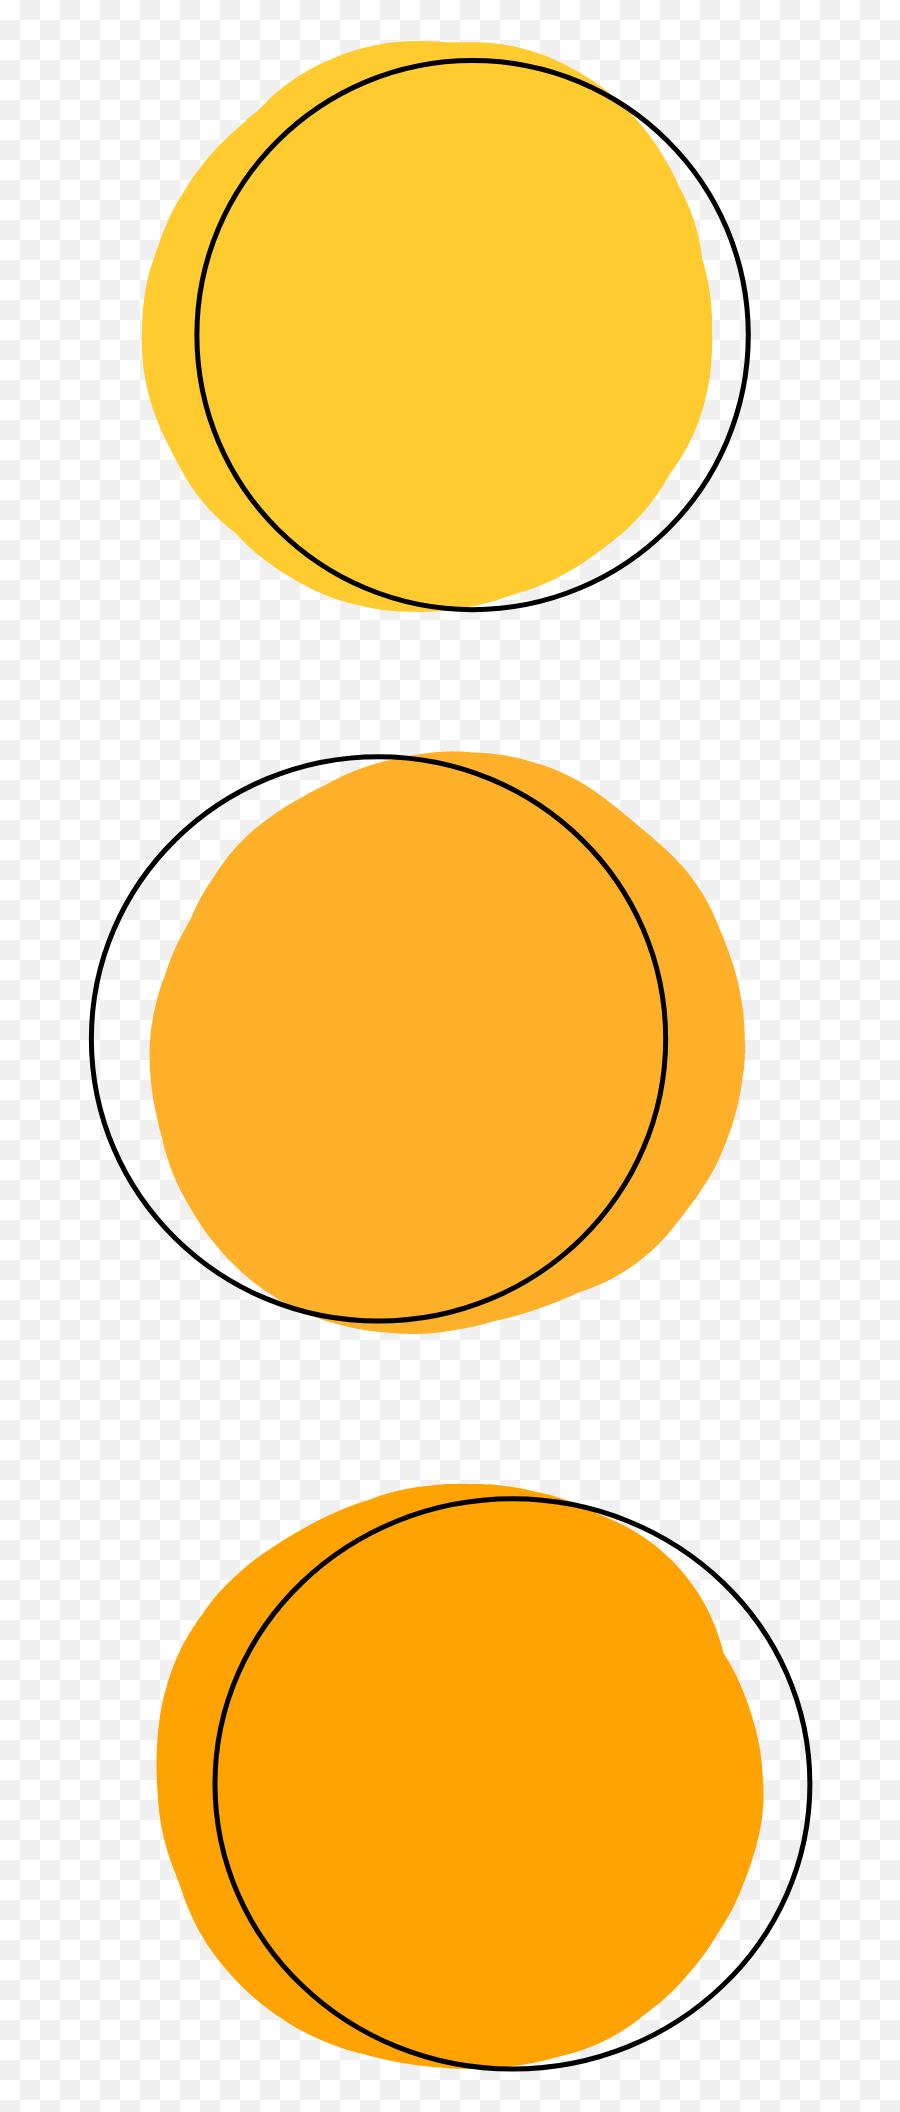 Orange Yellow Circle Circles Sticker Yellow Aesthetic Stickers Circle Emoji Yellow Circle Emoji Free Transparent Emoji Emojipng Com